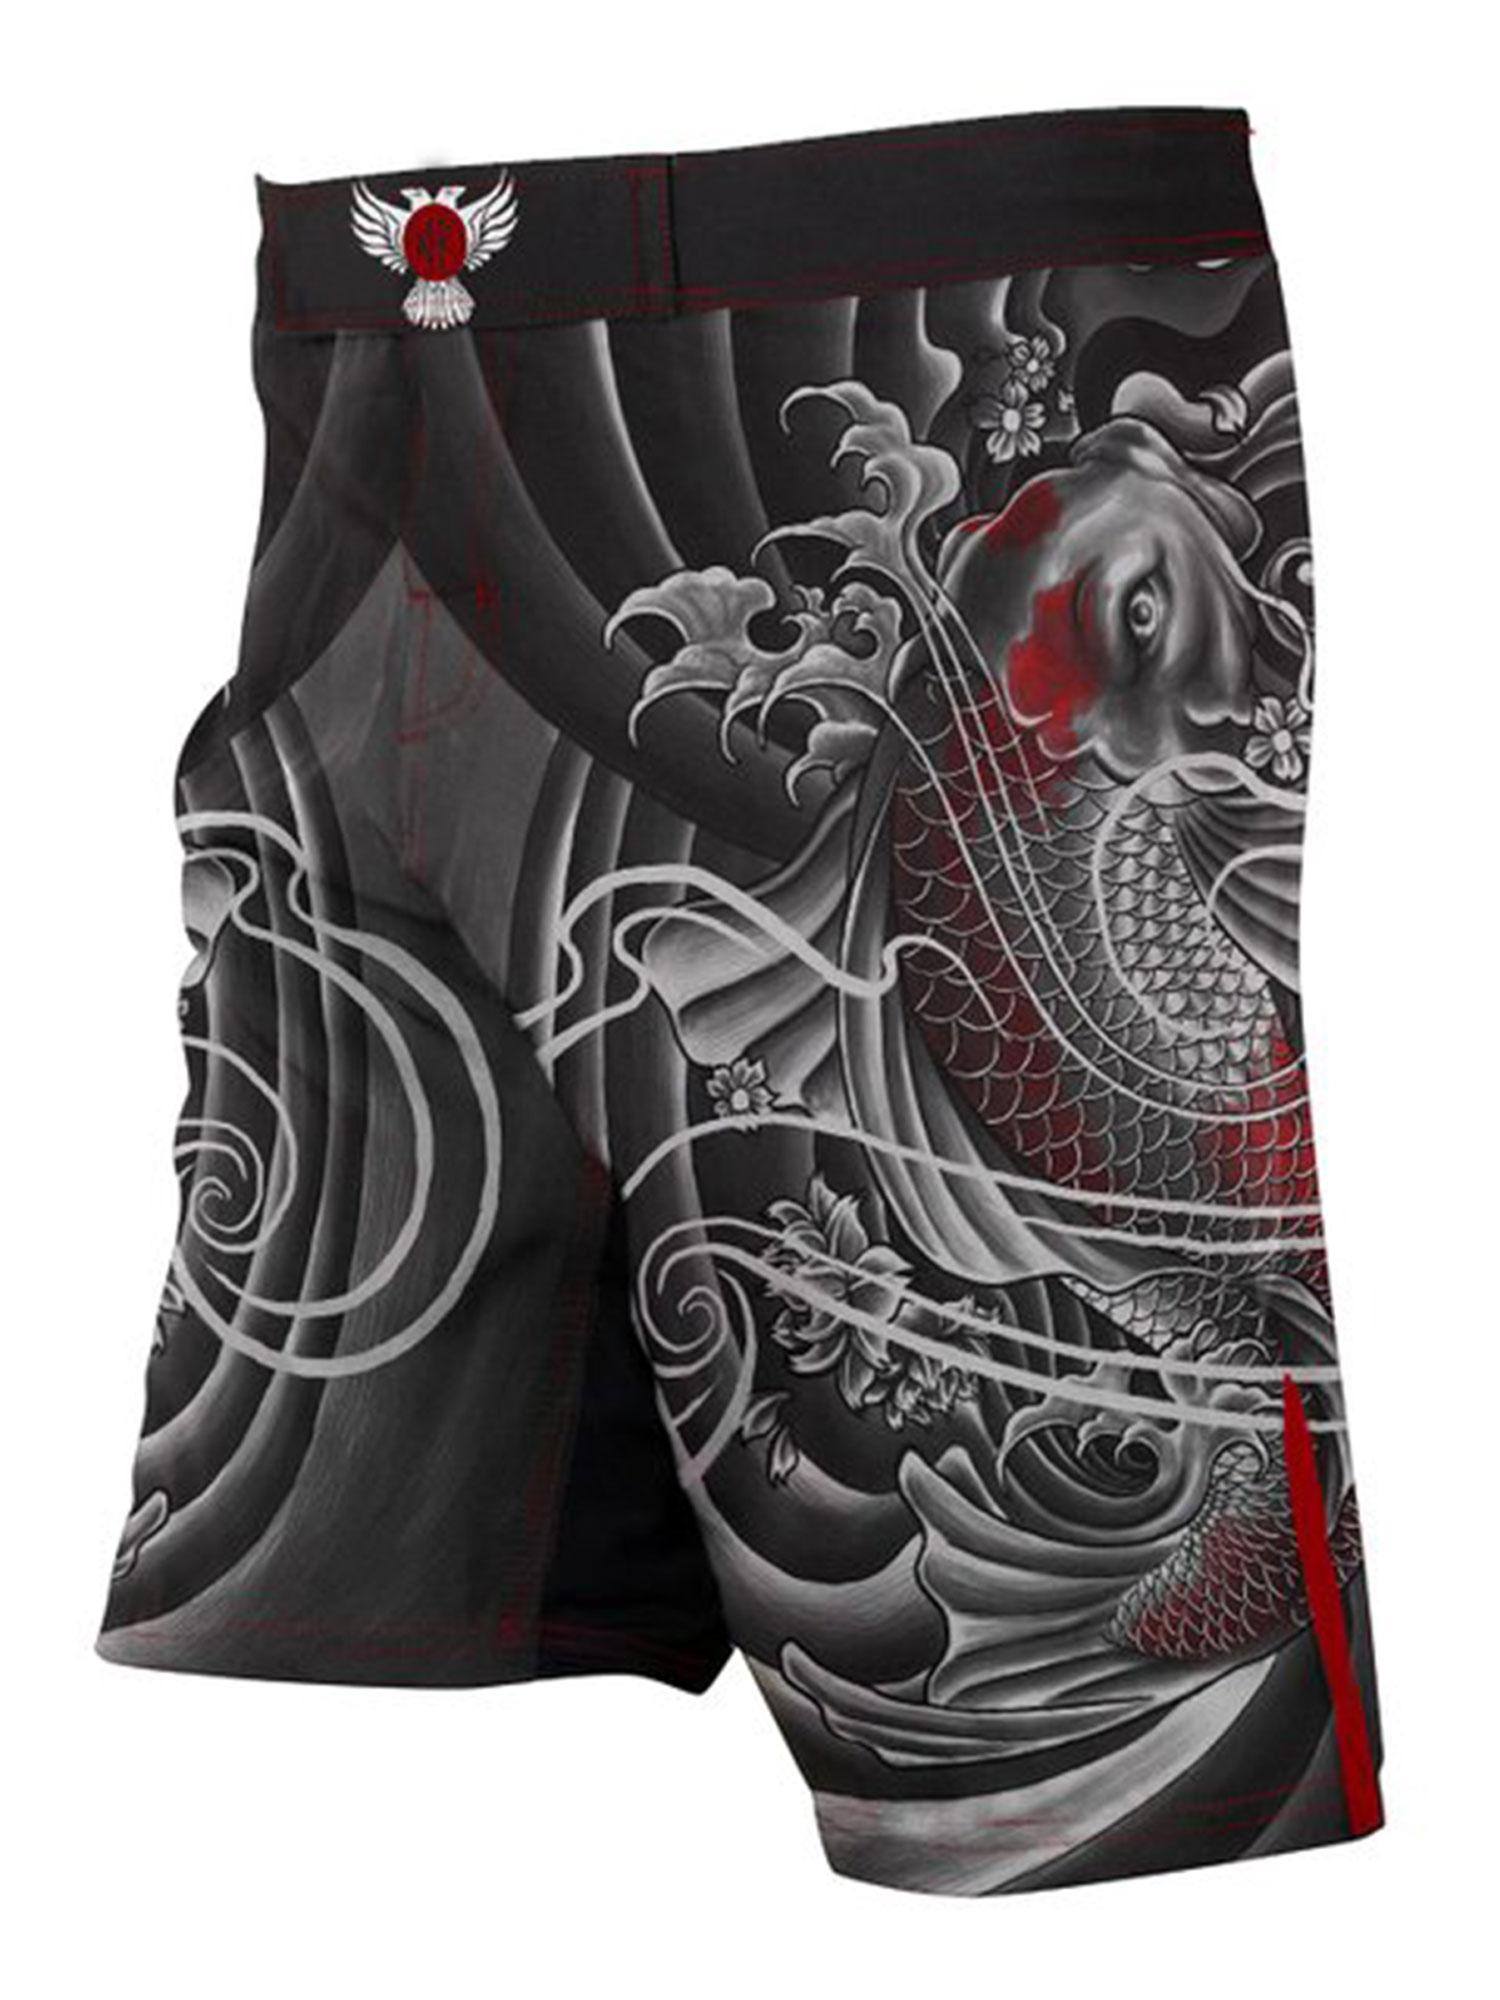 Raven Fightwear Men/'s BJJ Horror Cthulhu Shorts MMA Black